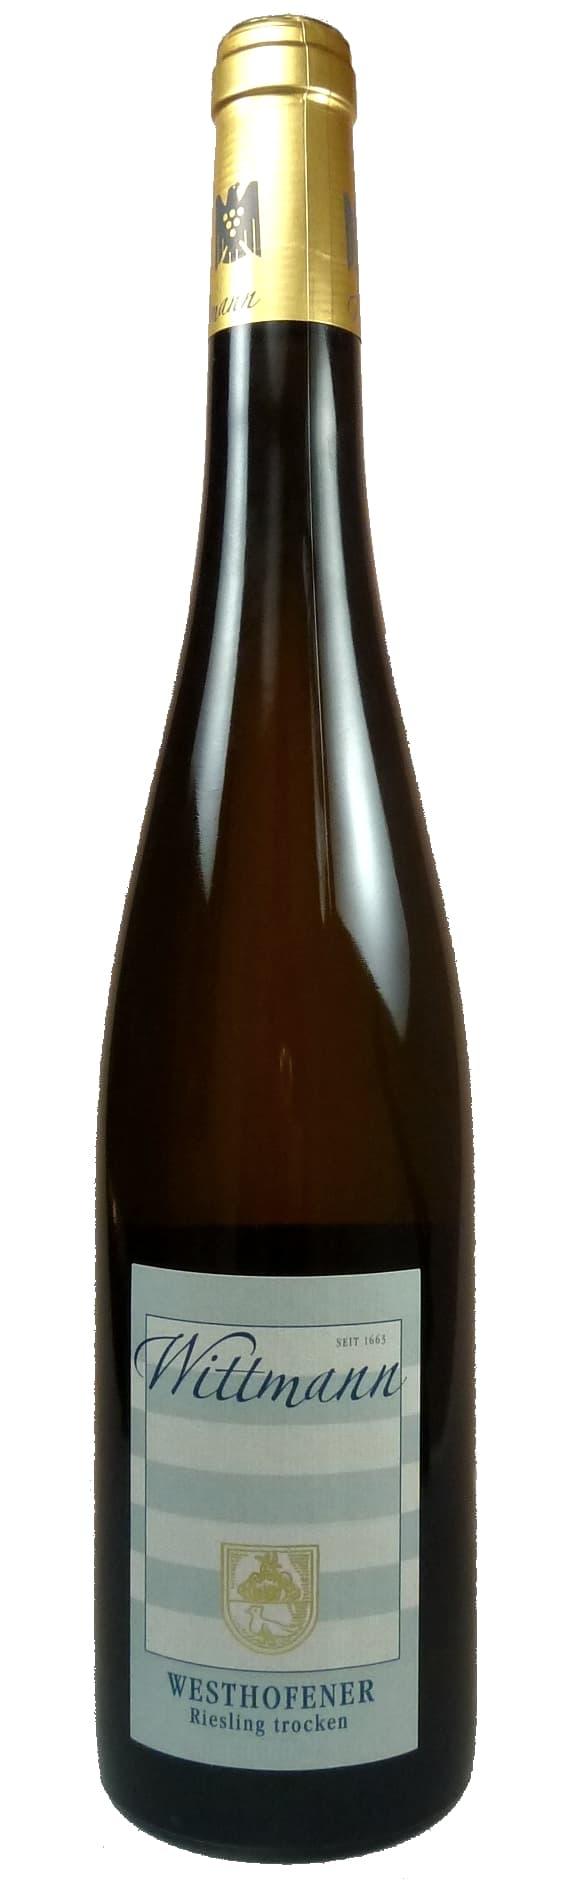 Westhofener Riesling Qualitätswein trocken 2018